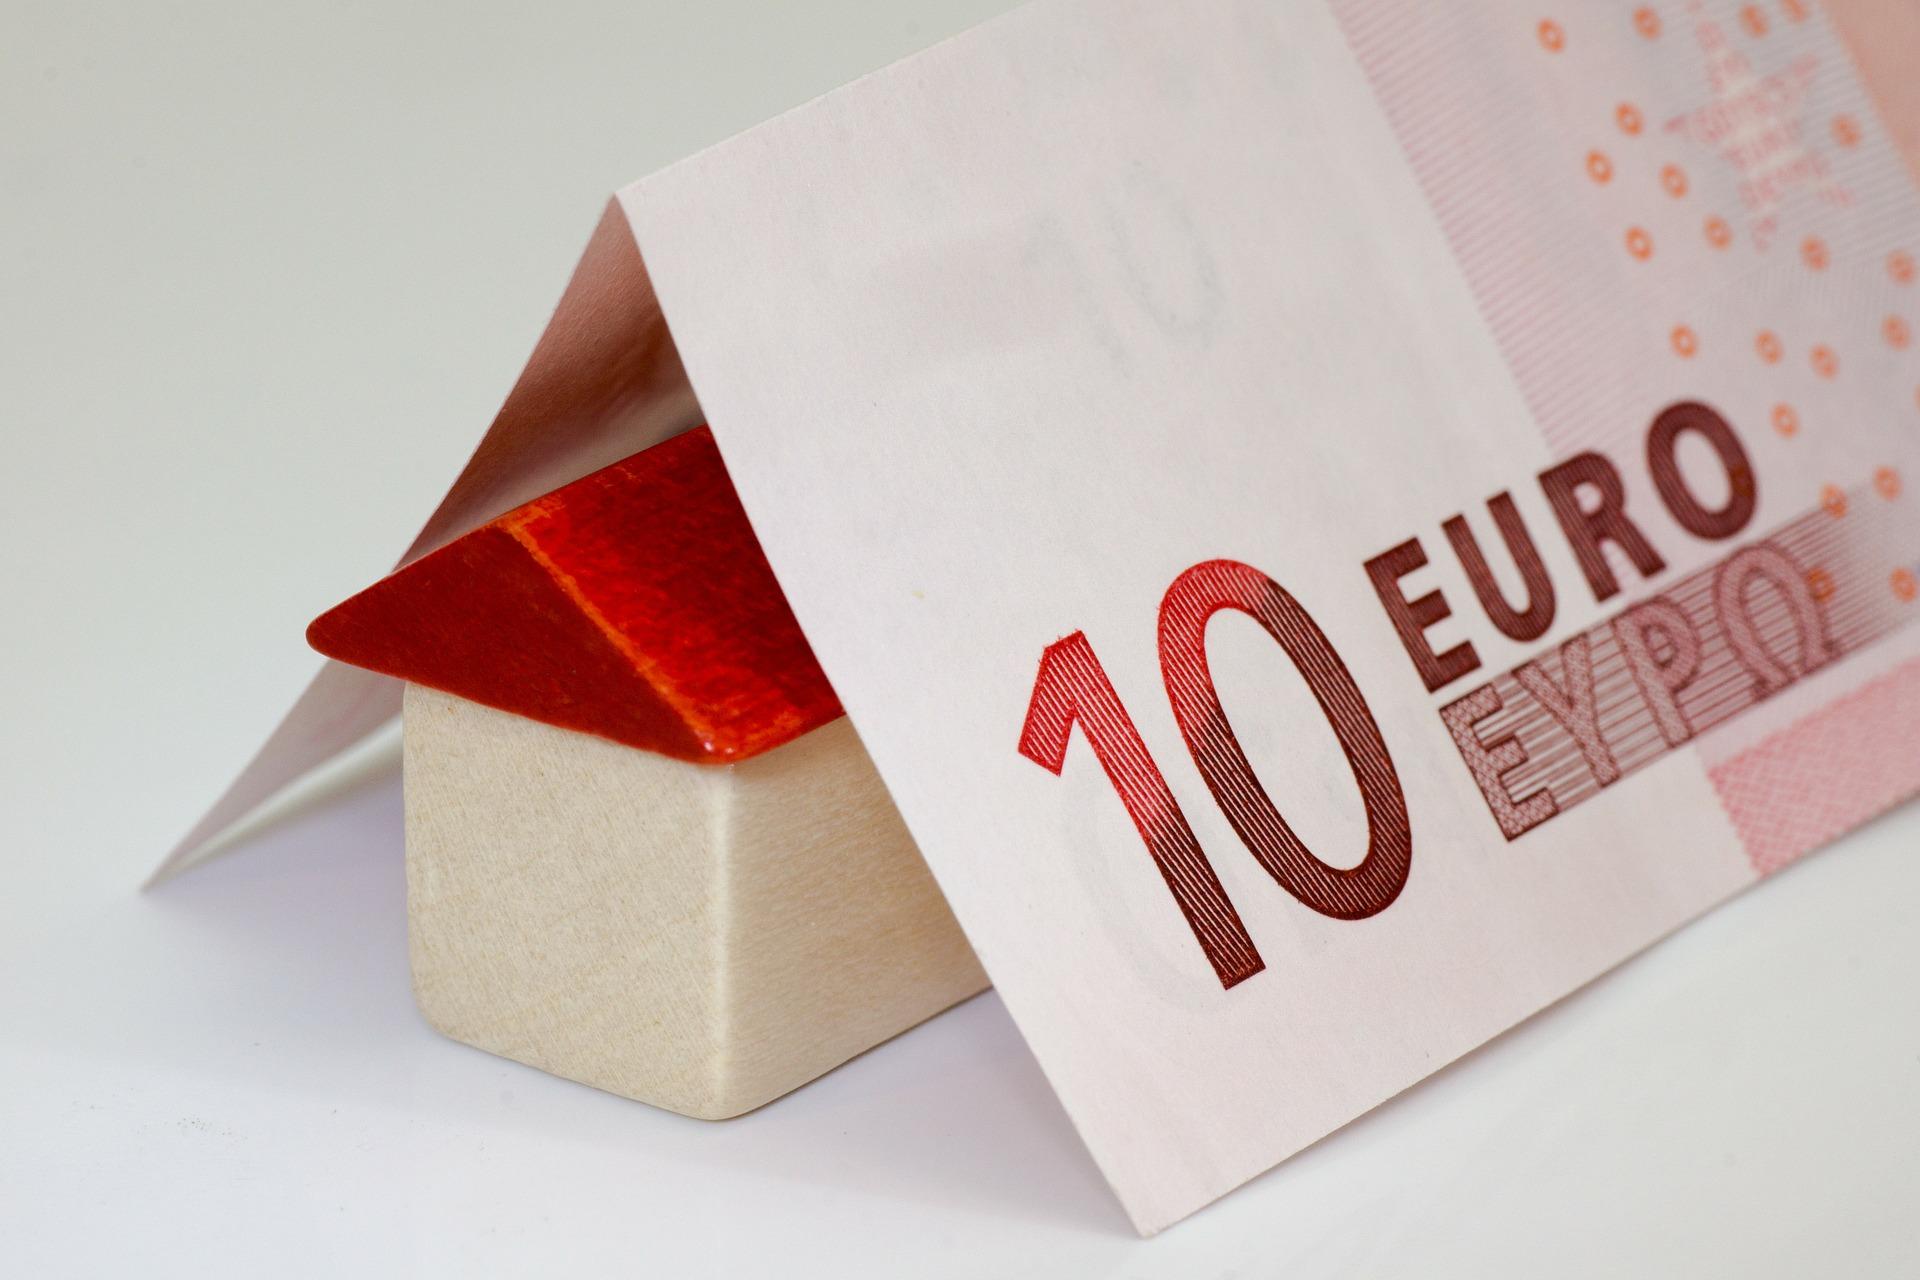 Дадут ли ипотеку, если есть непогашенные кредиты